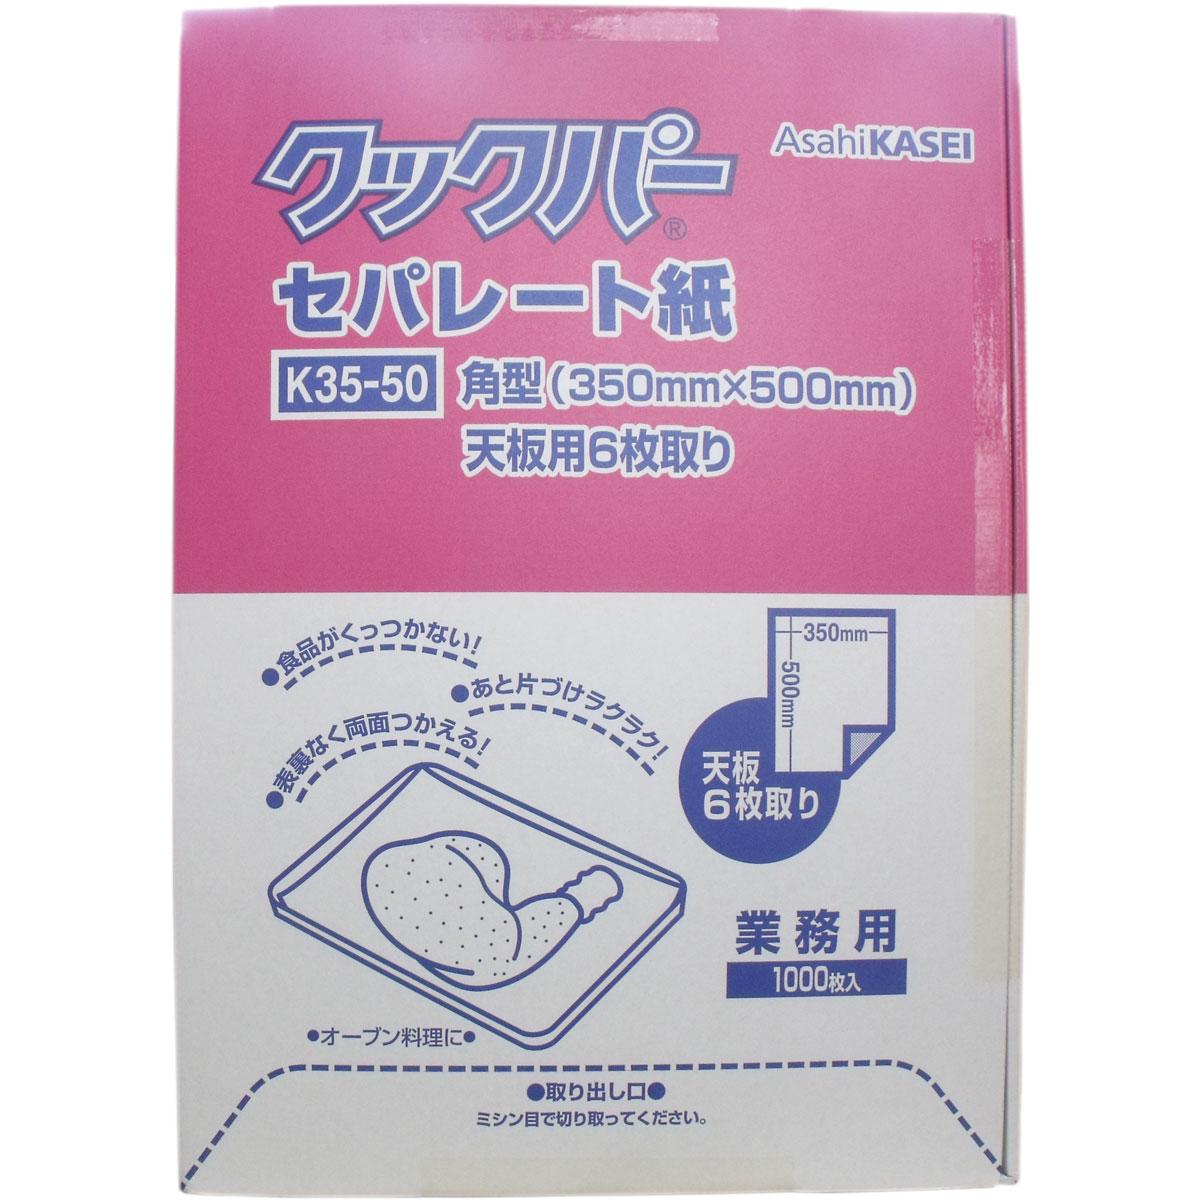 【送料無料】業務用 クックパー セパレート紙 角型天板用6枚取り K35-50 1000枚入【4901670053852】